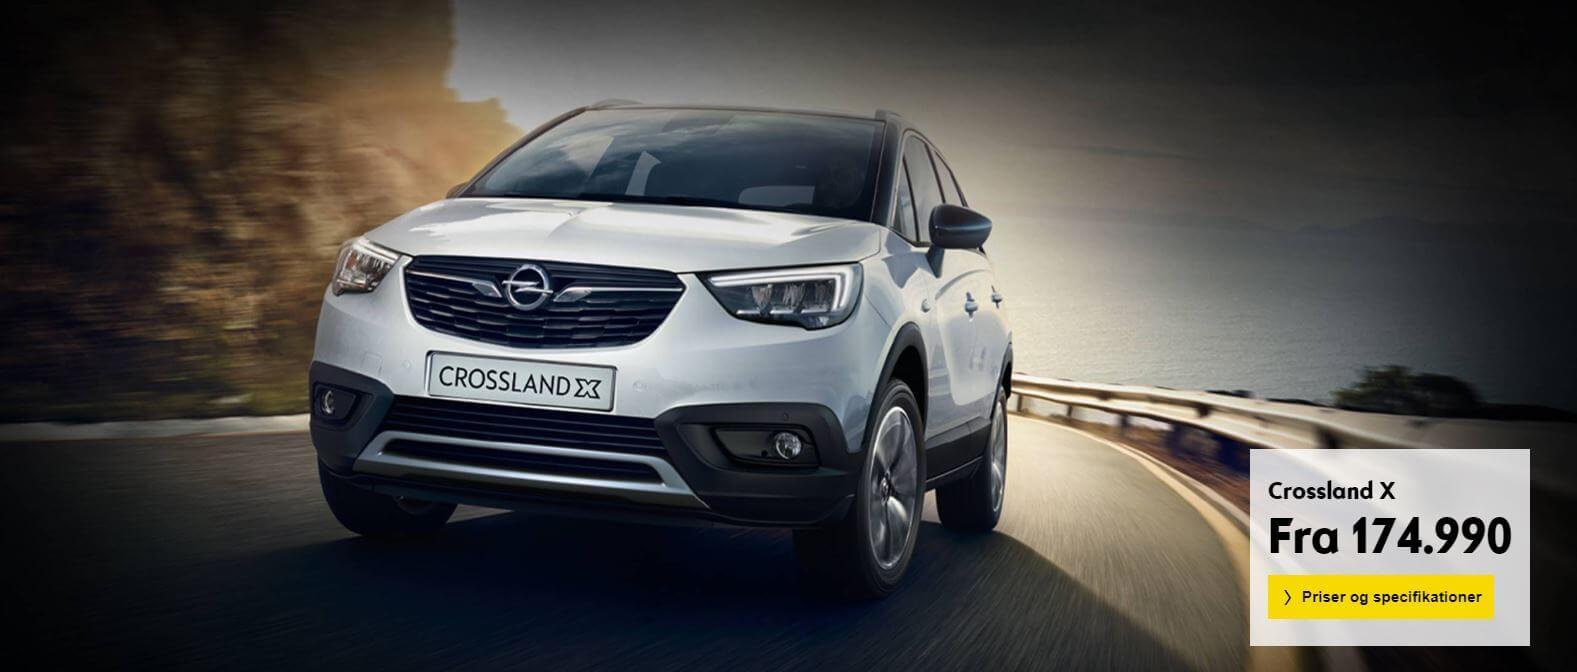 Uggerhøj Opel Corsa kampagne